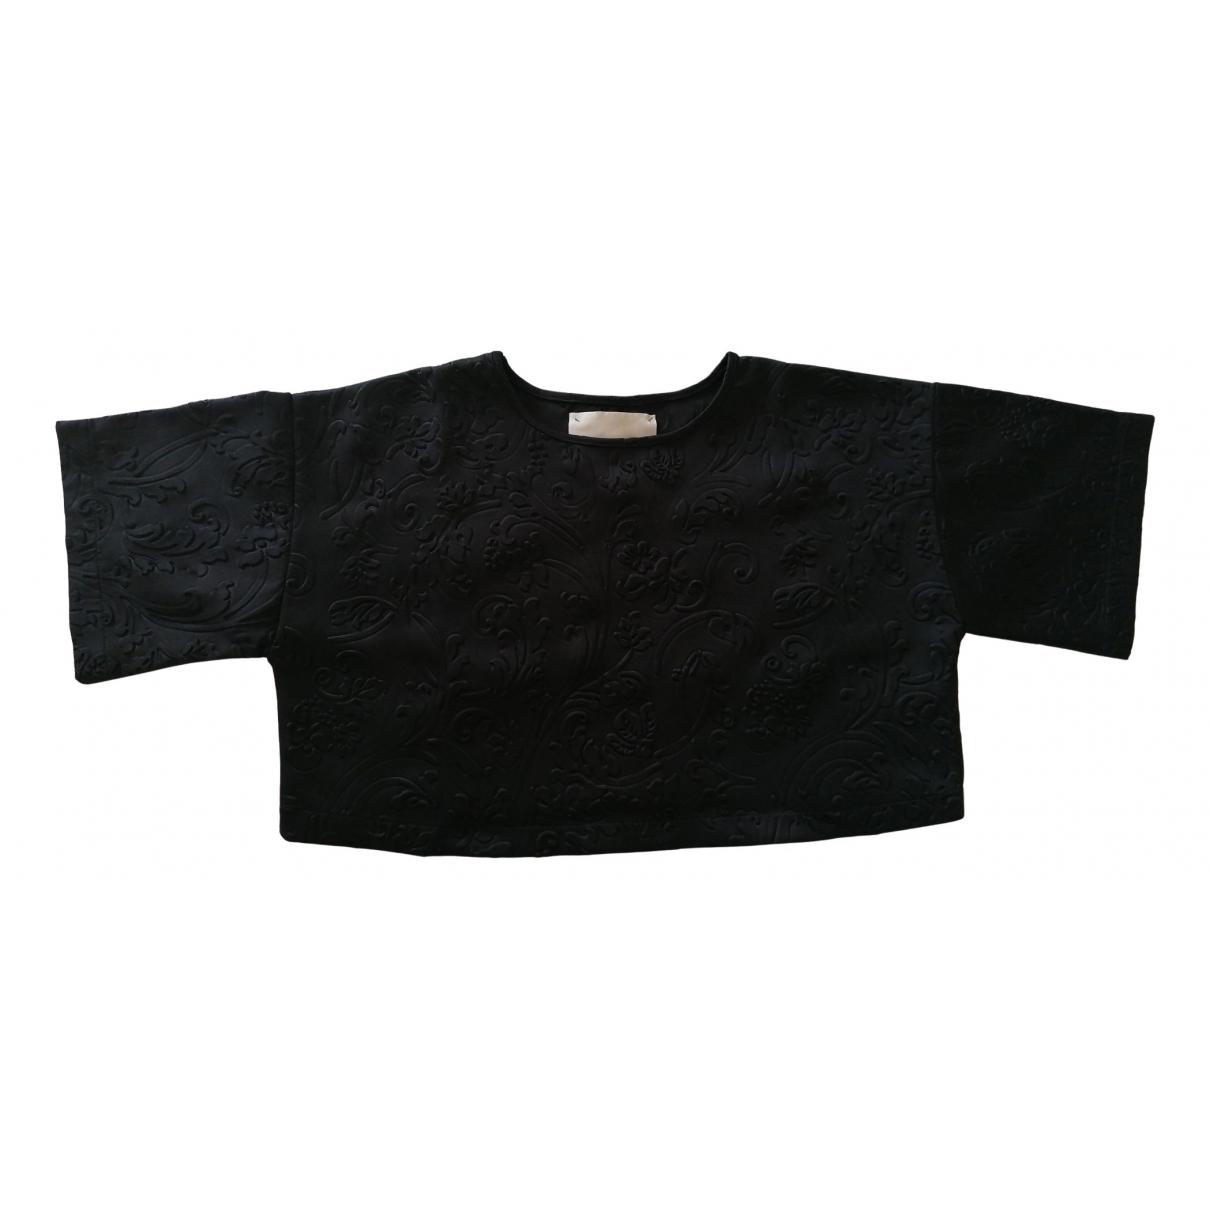 Camiseta Gaelle Bonheur